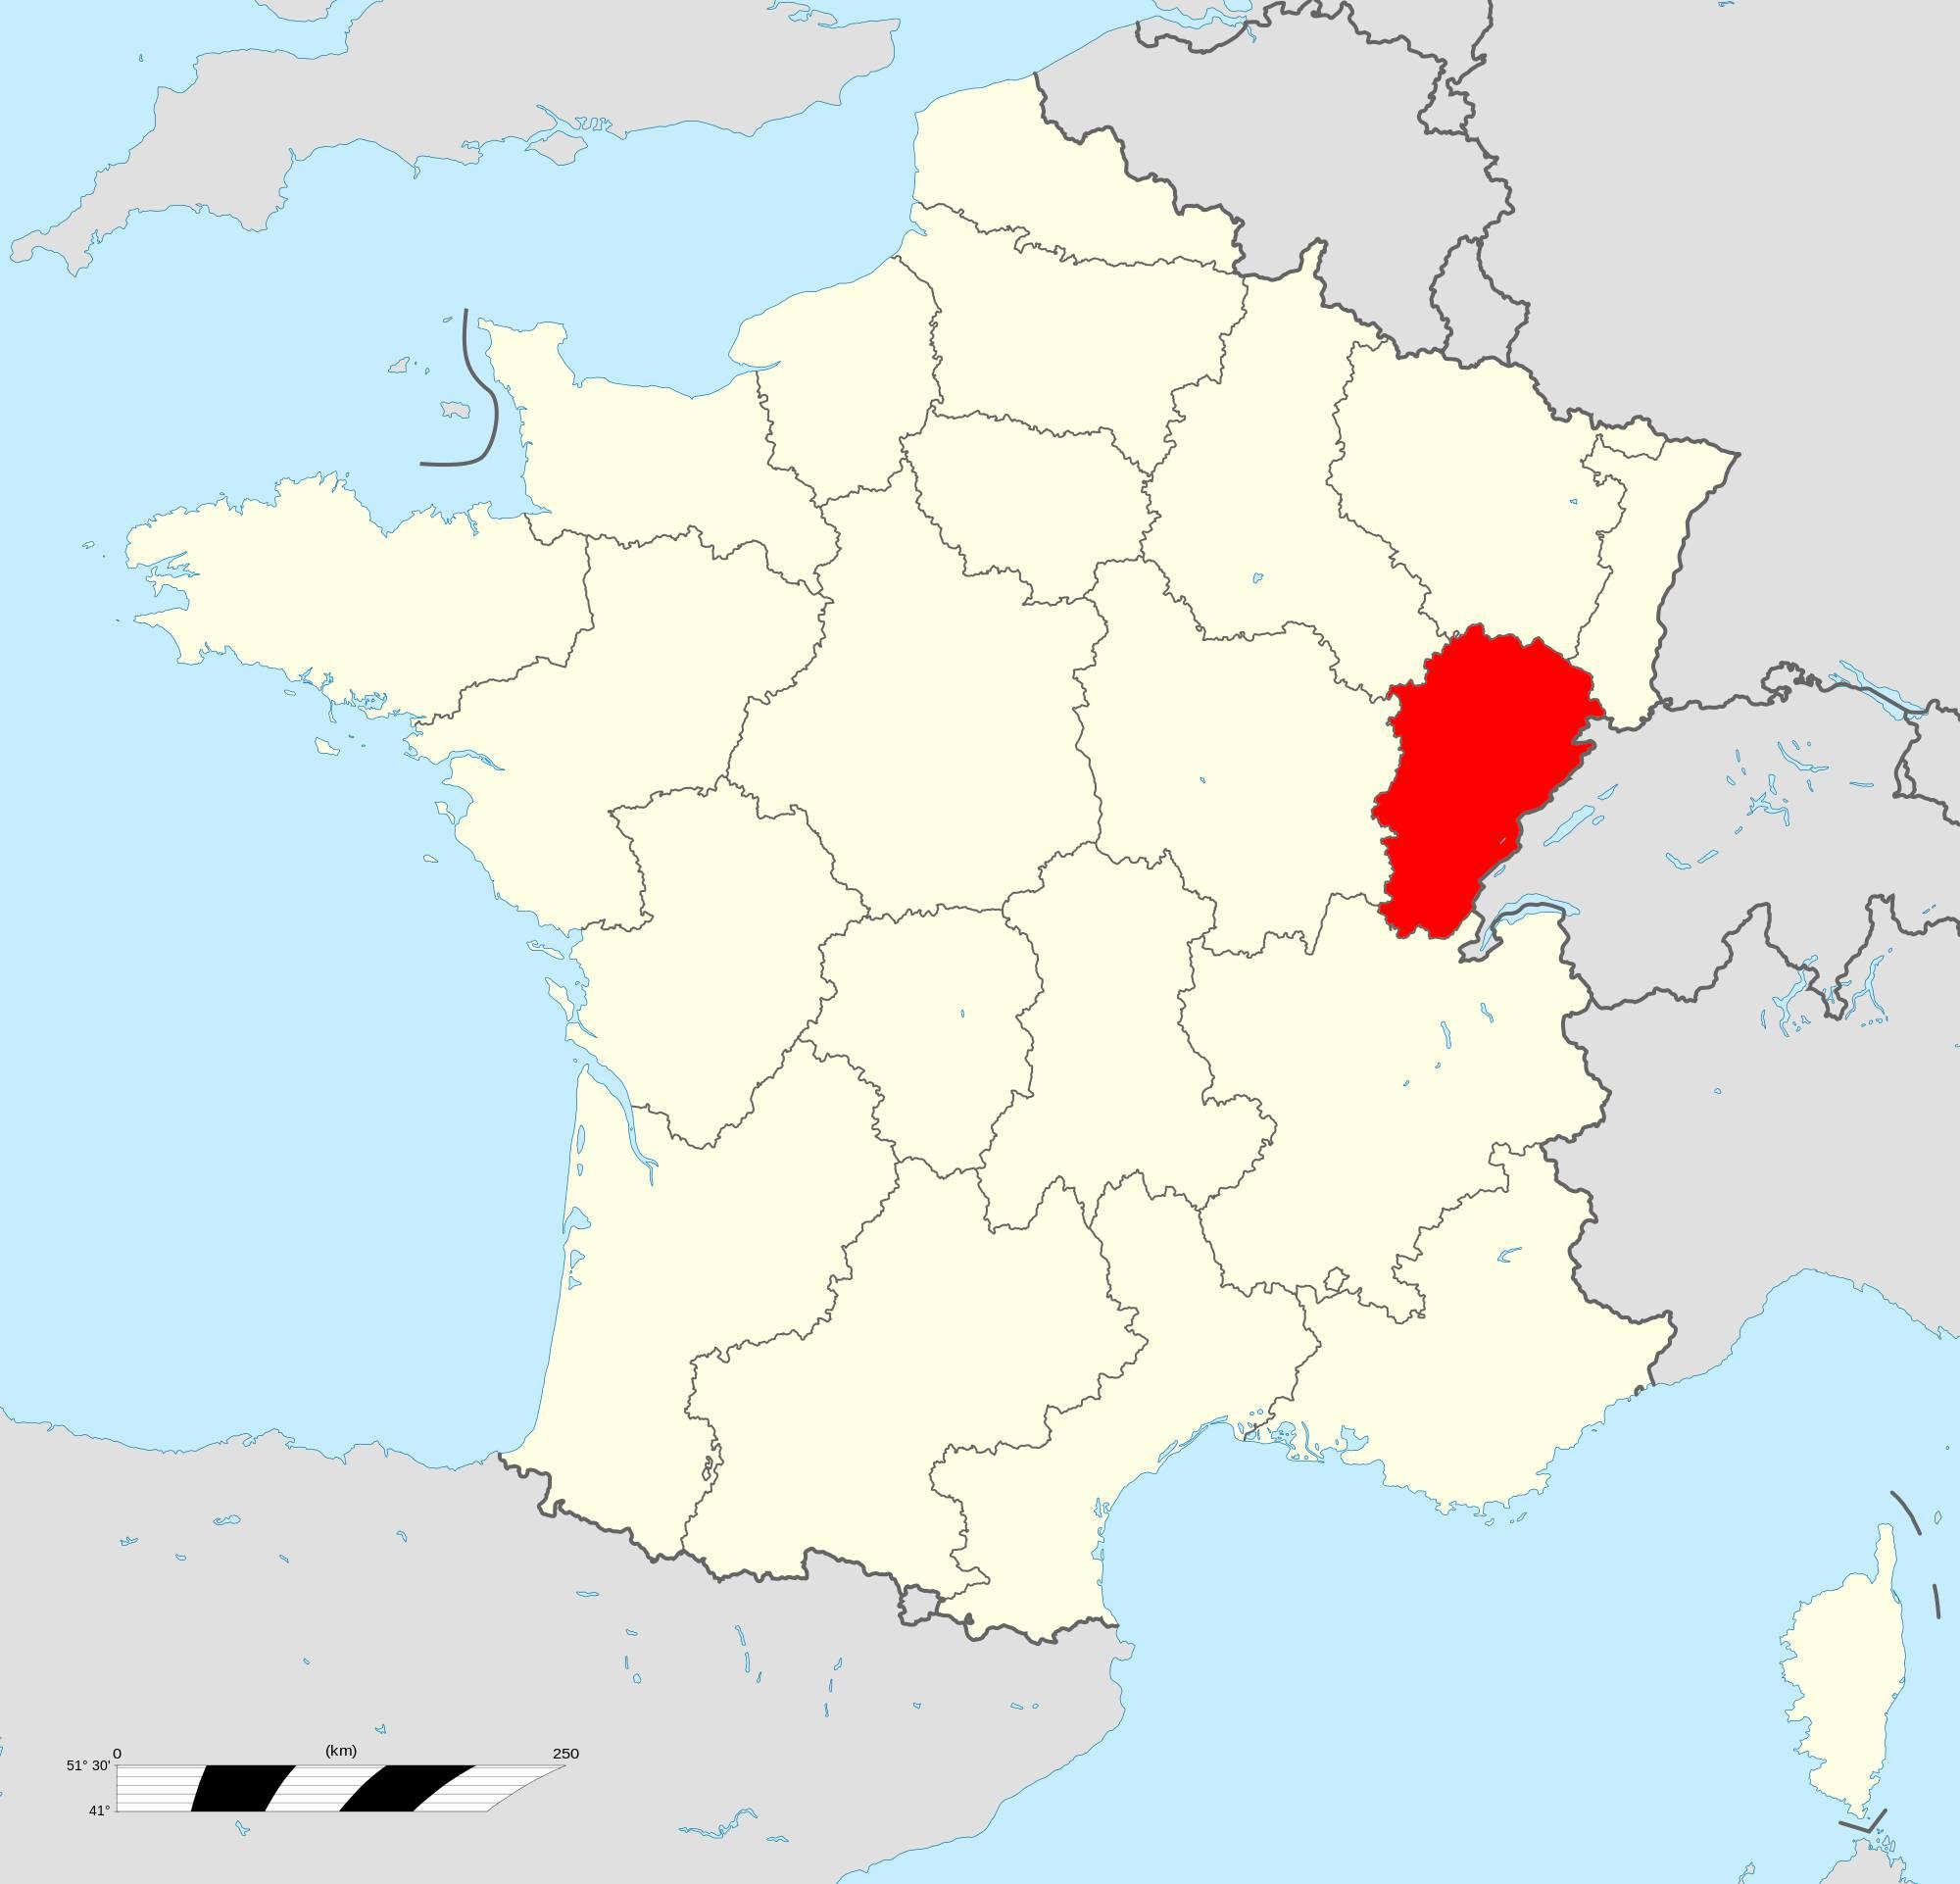 Où se trouve la région Franche-Comté ?